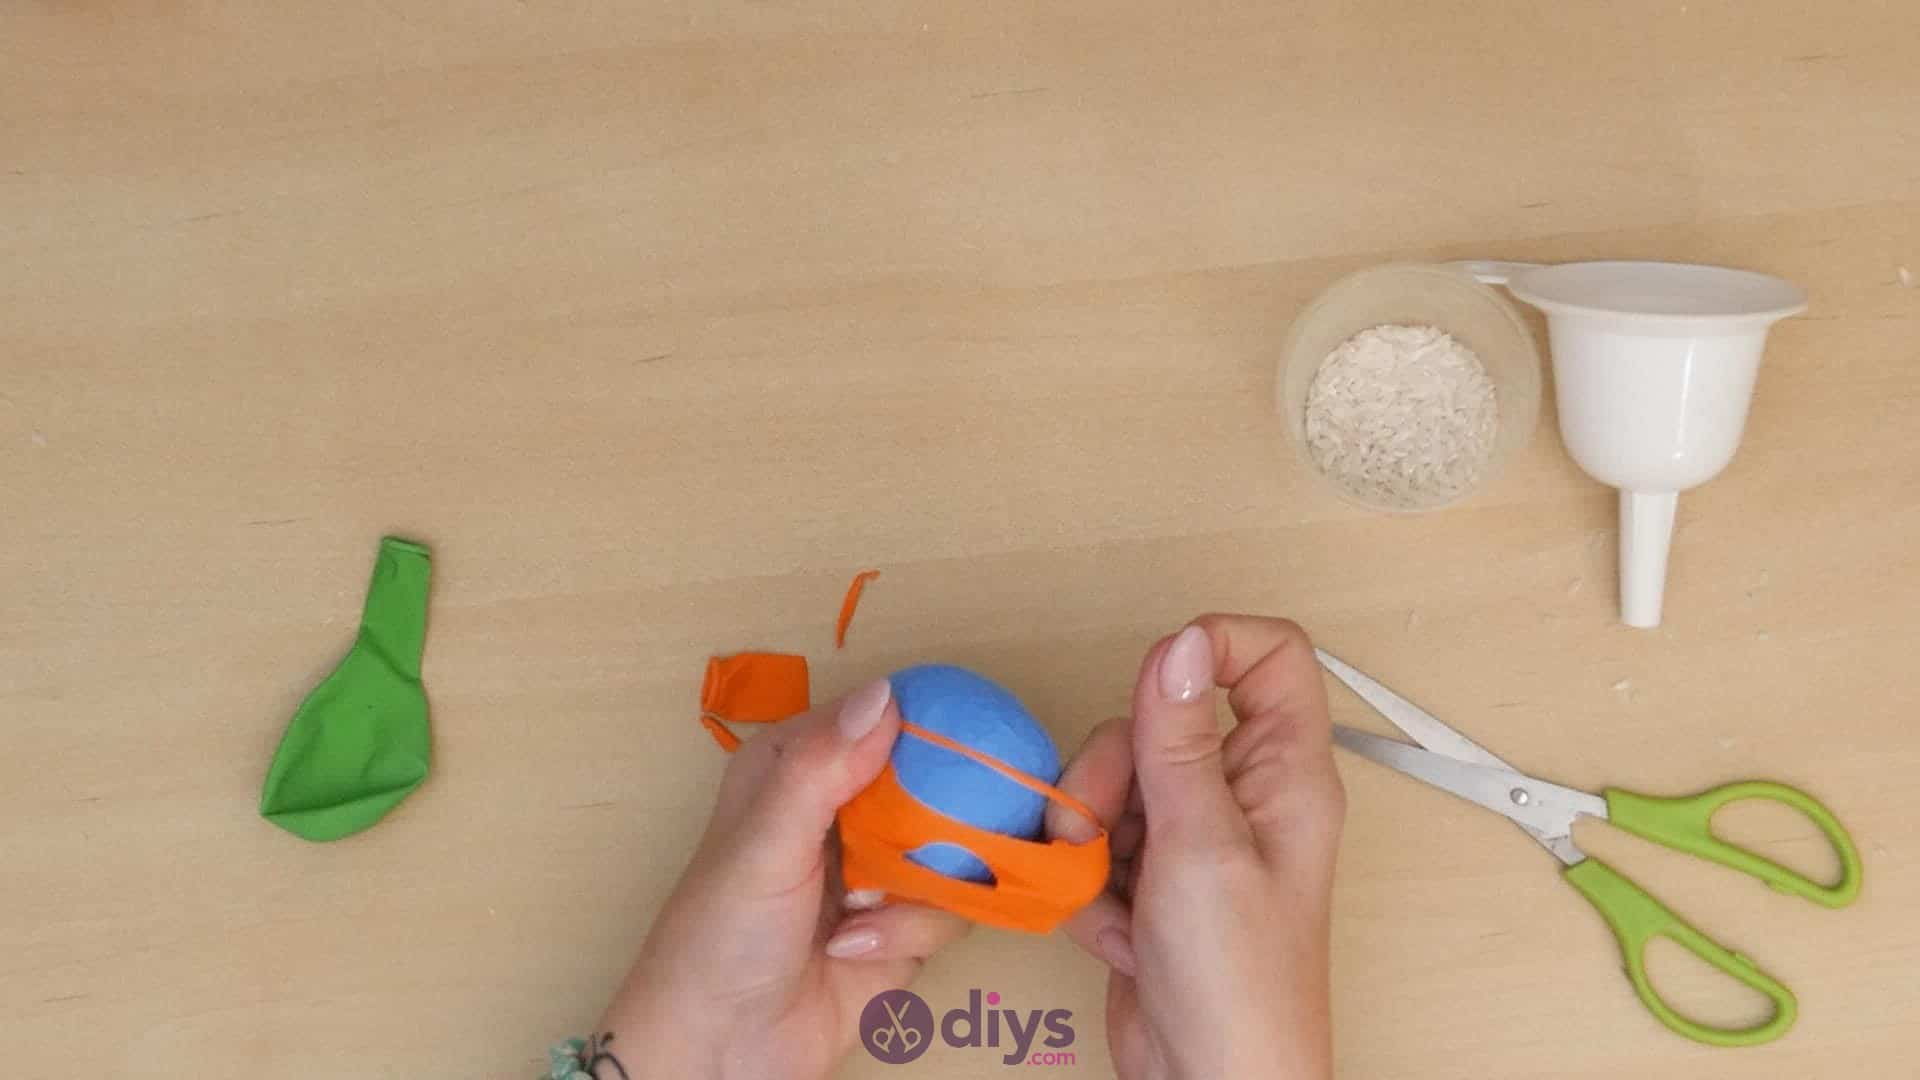 Diy juggling balls step 4a